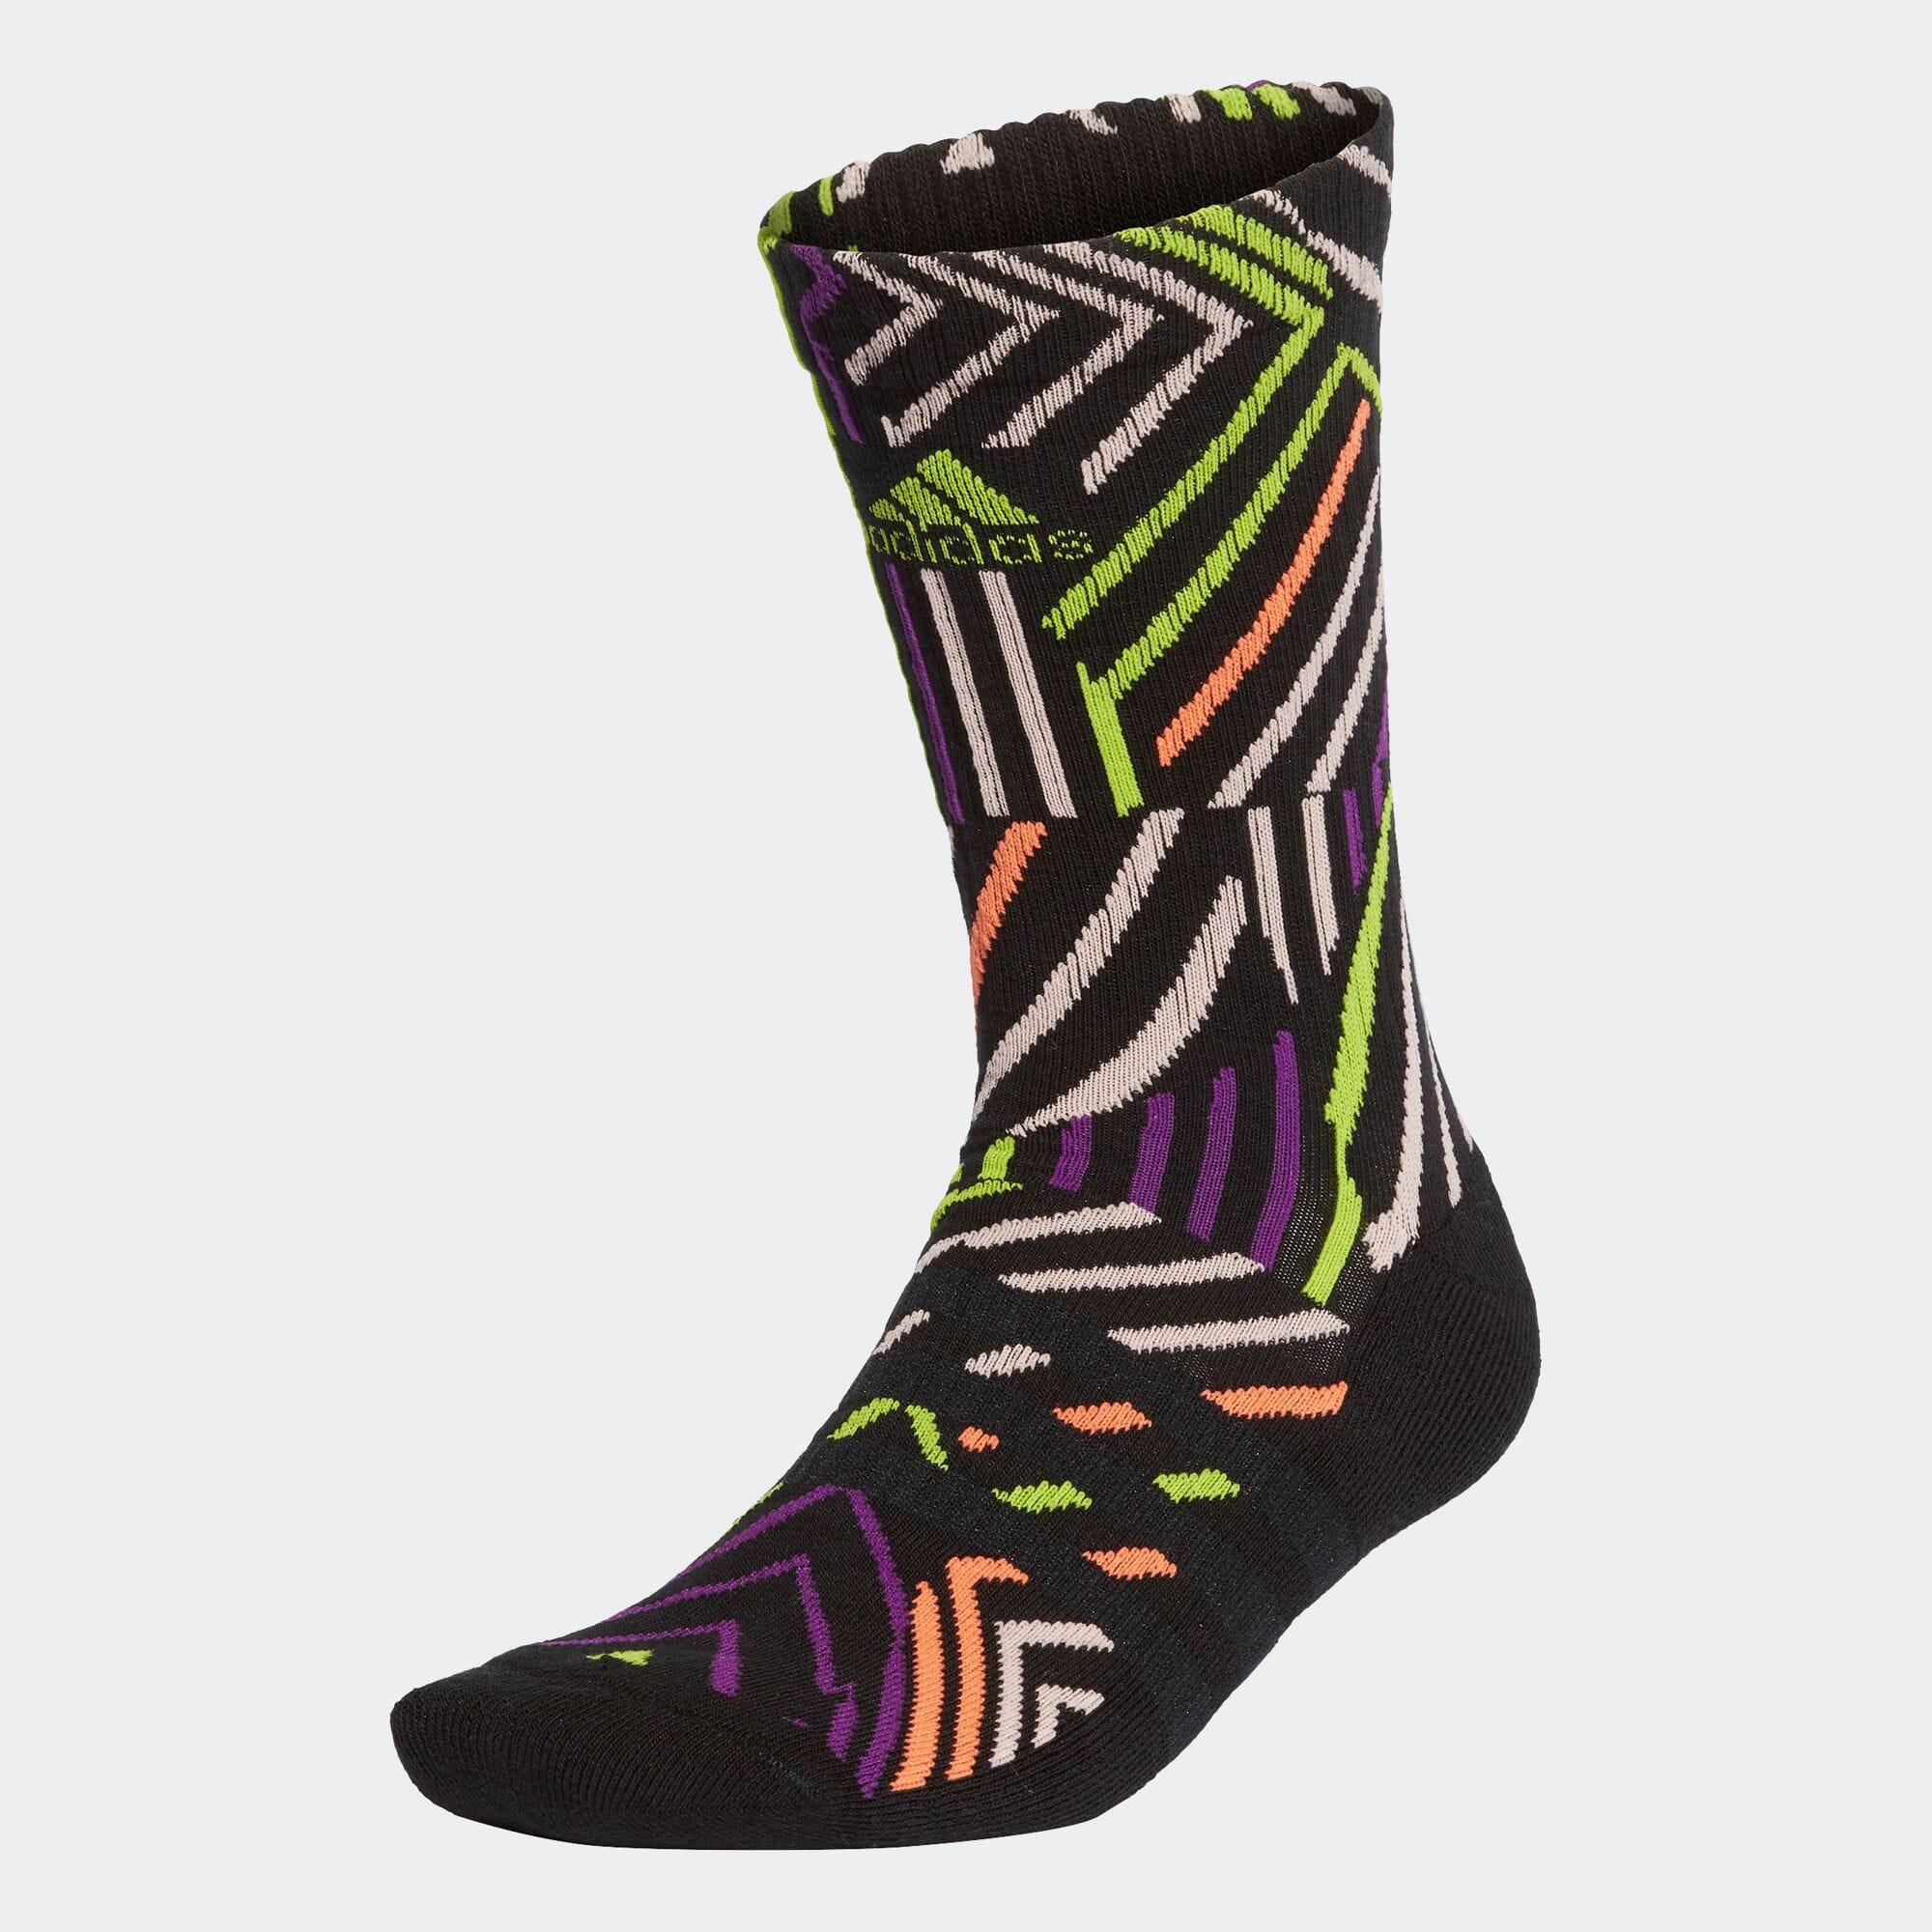 ソックス / Socks